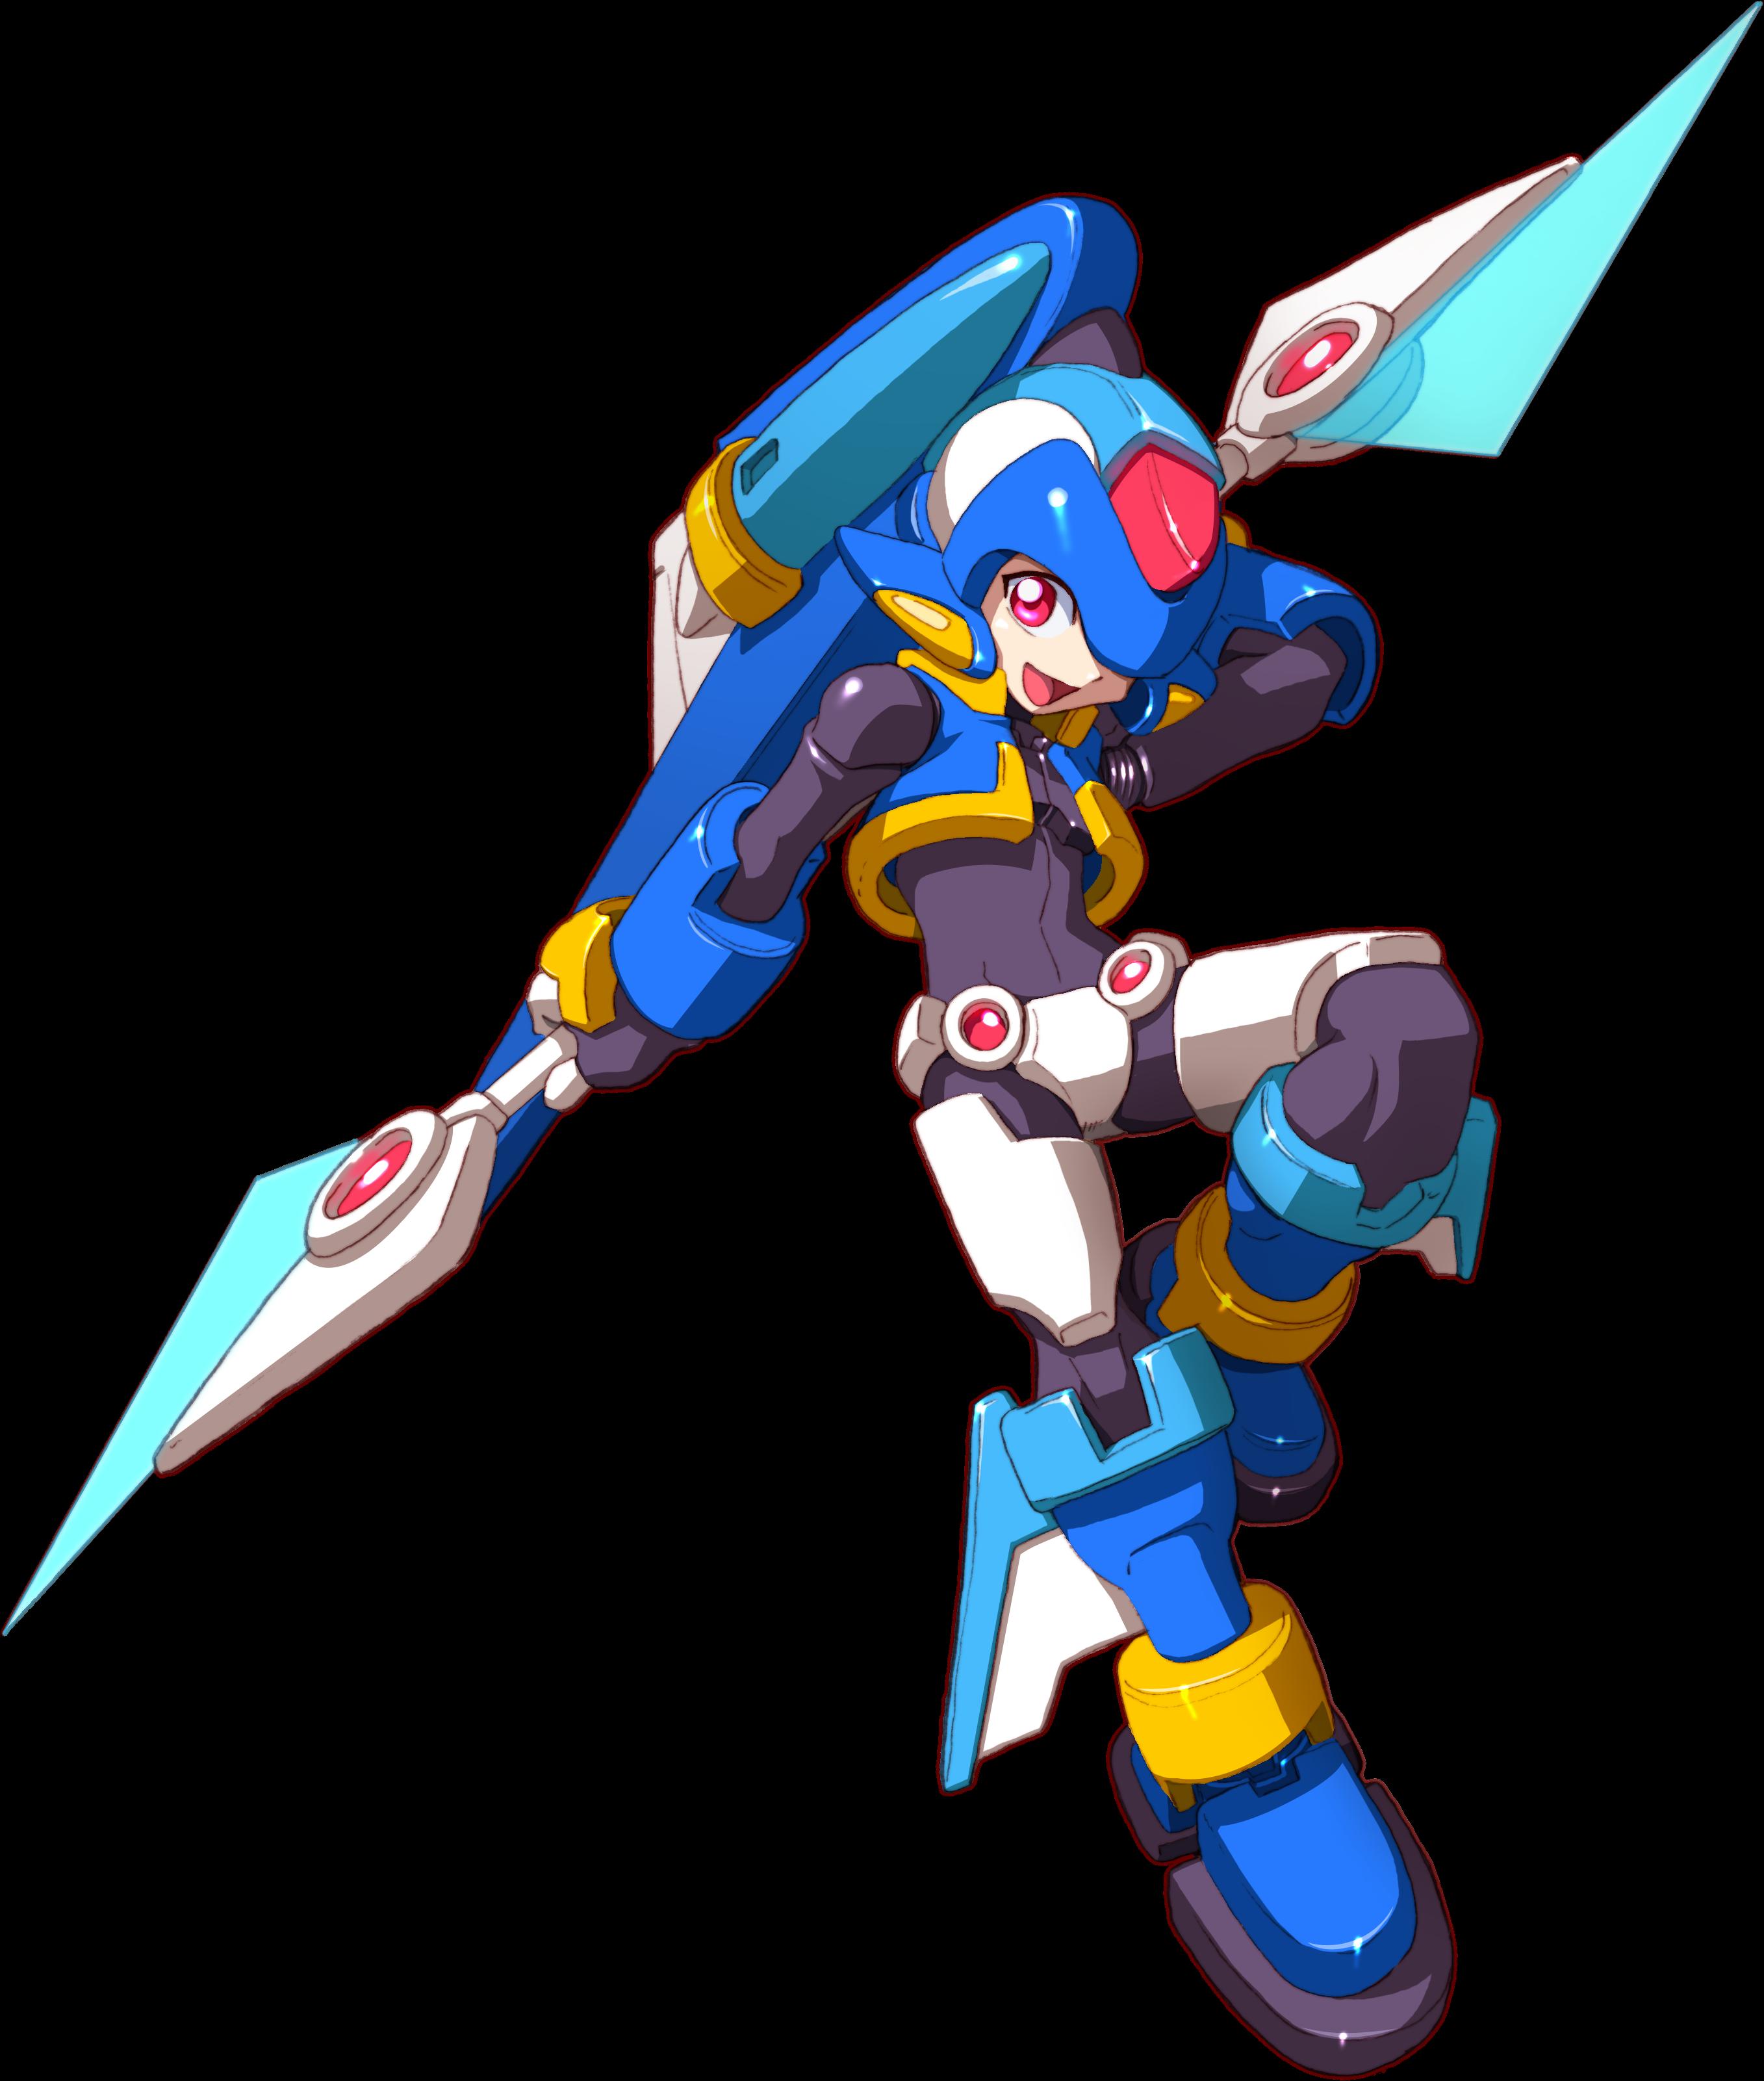 Thetis mmkb fandom powered by wikia - Megaman wikia ...